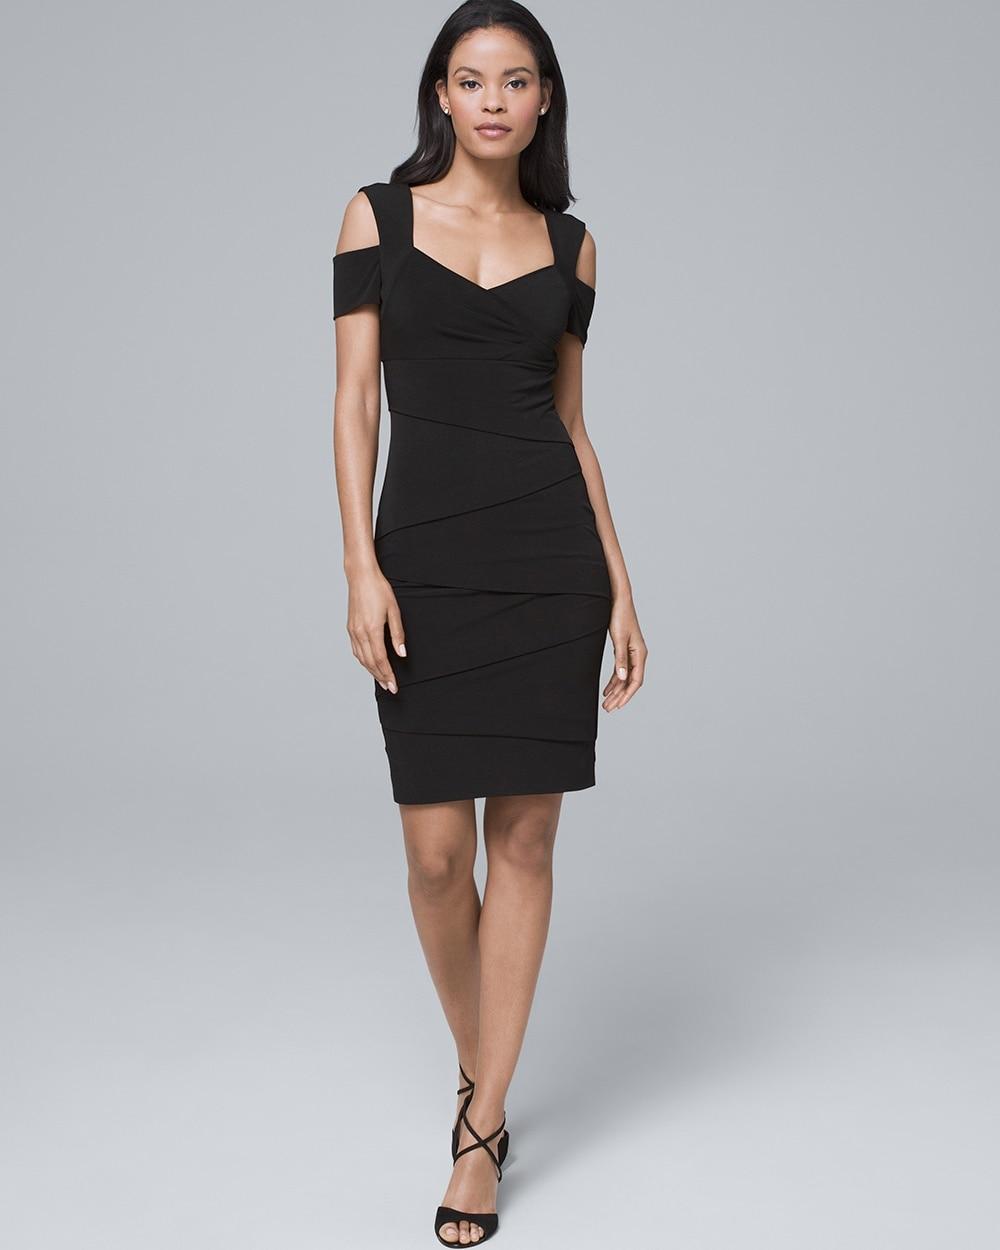 Cold Shoulder Black Instantly Slimming Dress White House Black Market